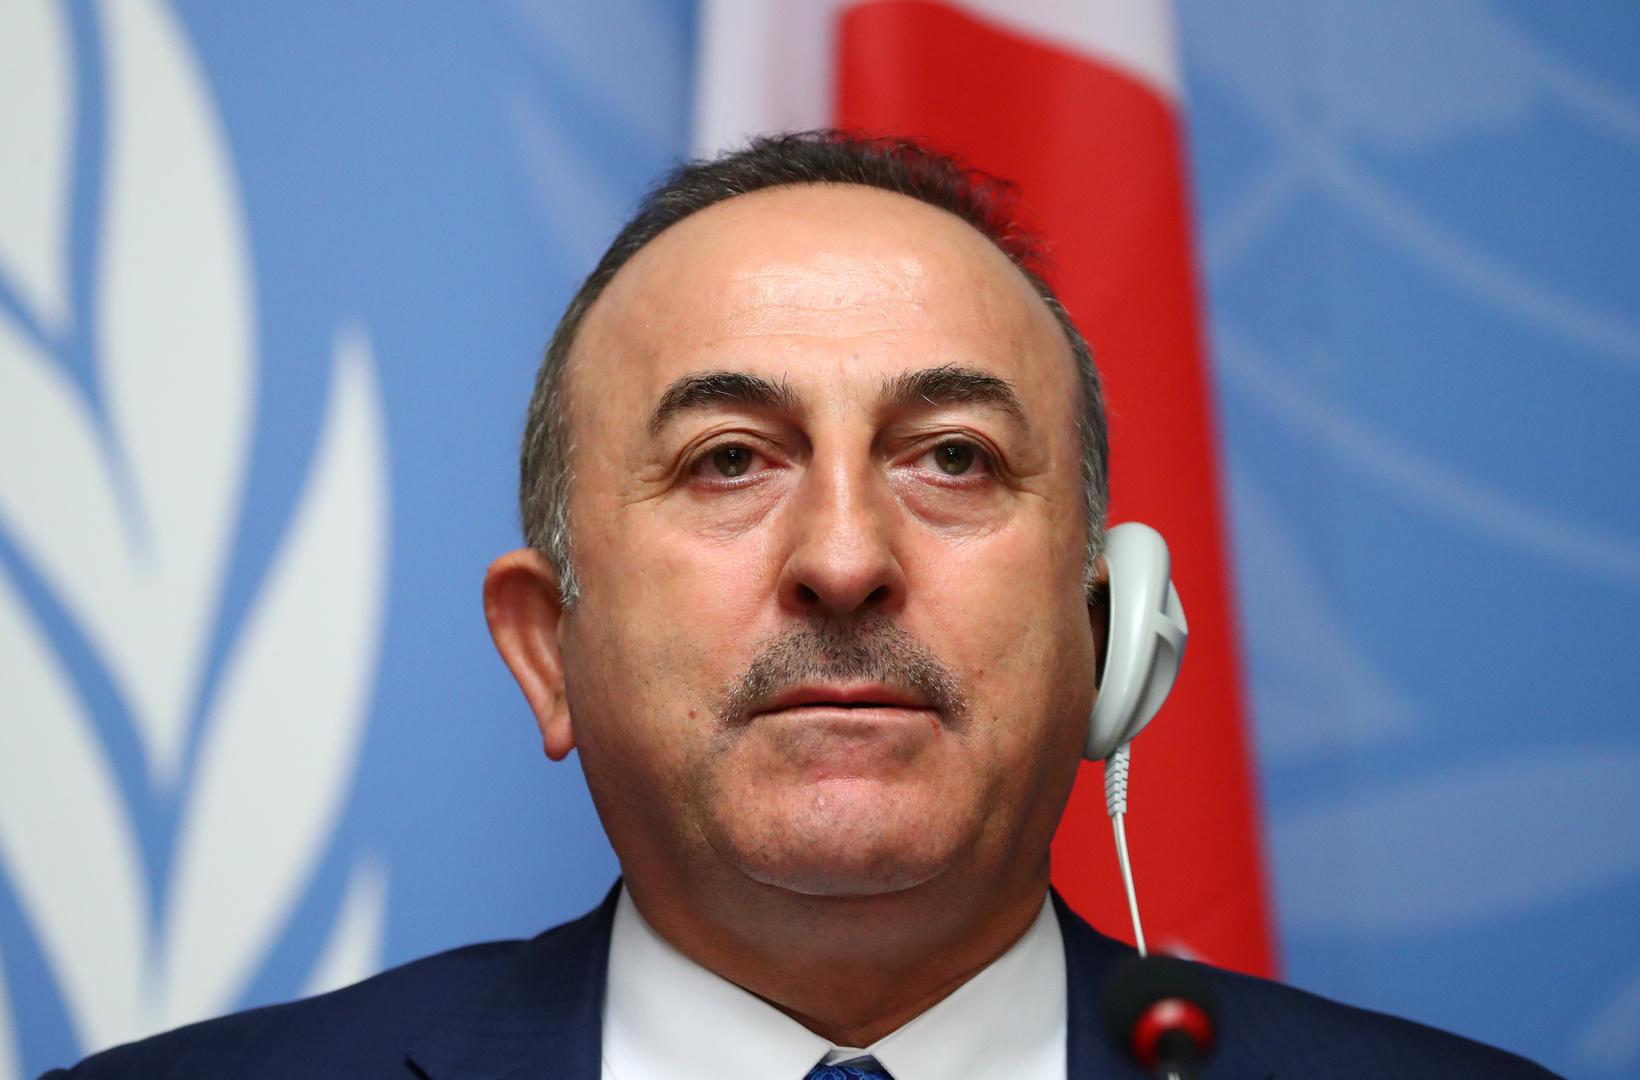 على خلفية أحداث أفغانستان.. تركيا تطالب بمراجعة اتفاقية الهجرة مع أوروبا